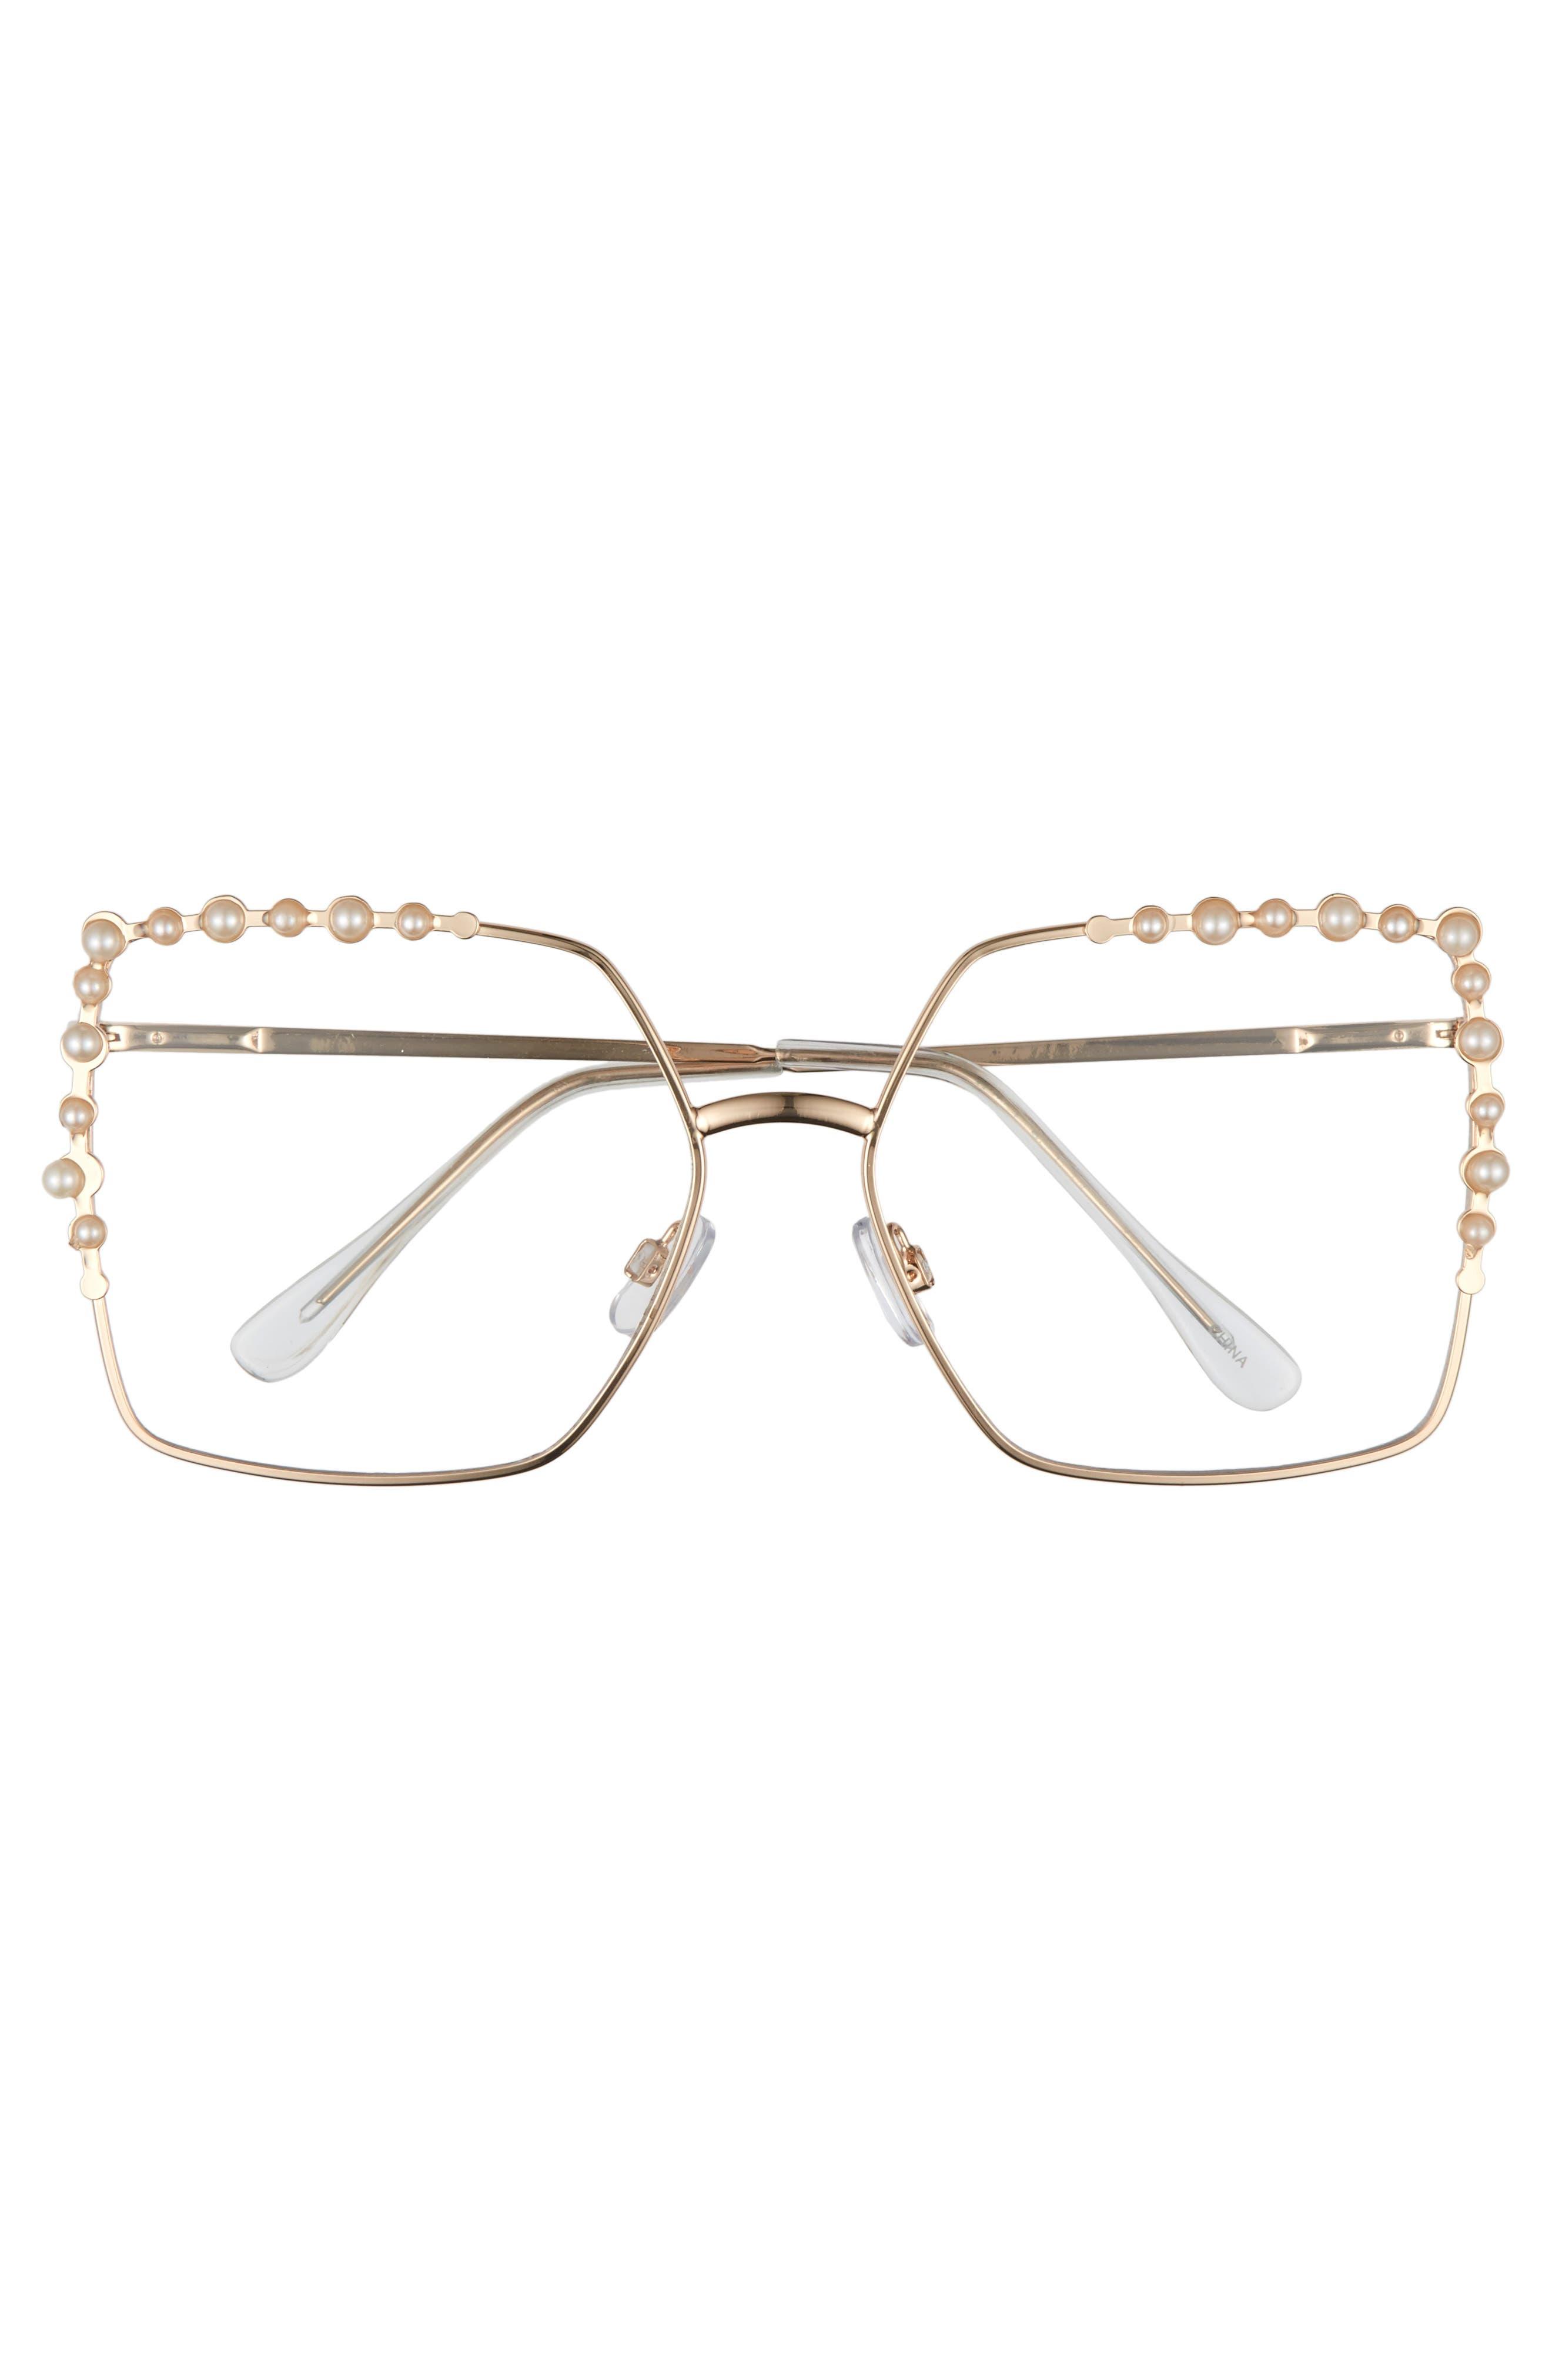 63mm Imitation Pearl Square Fashion Glasses,                             Alternate thumbnail 3, color,